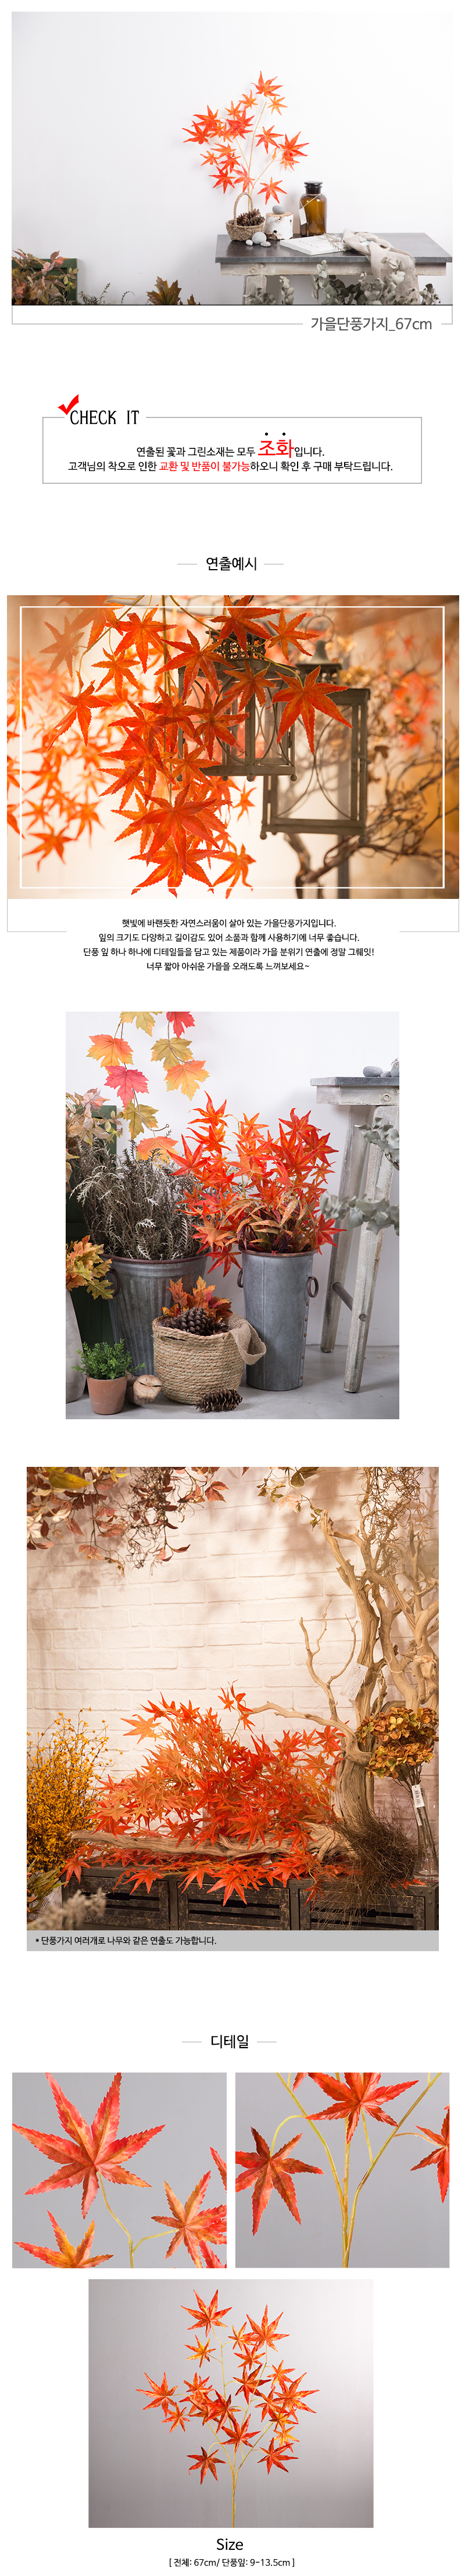 가을단풍가지_67cm - 마쉬매리골드, 3,200원, 조화, 부쉬